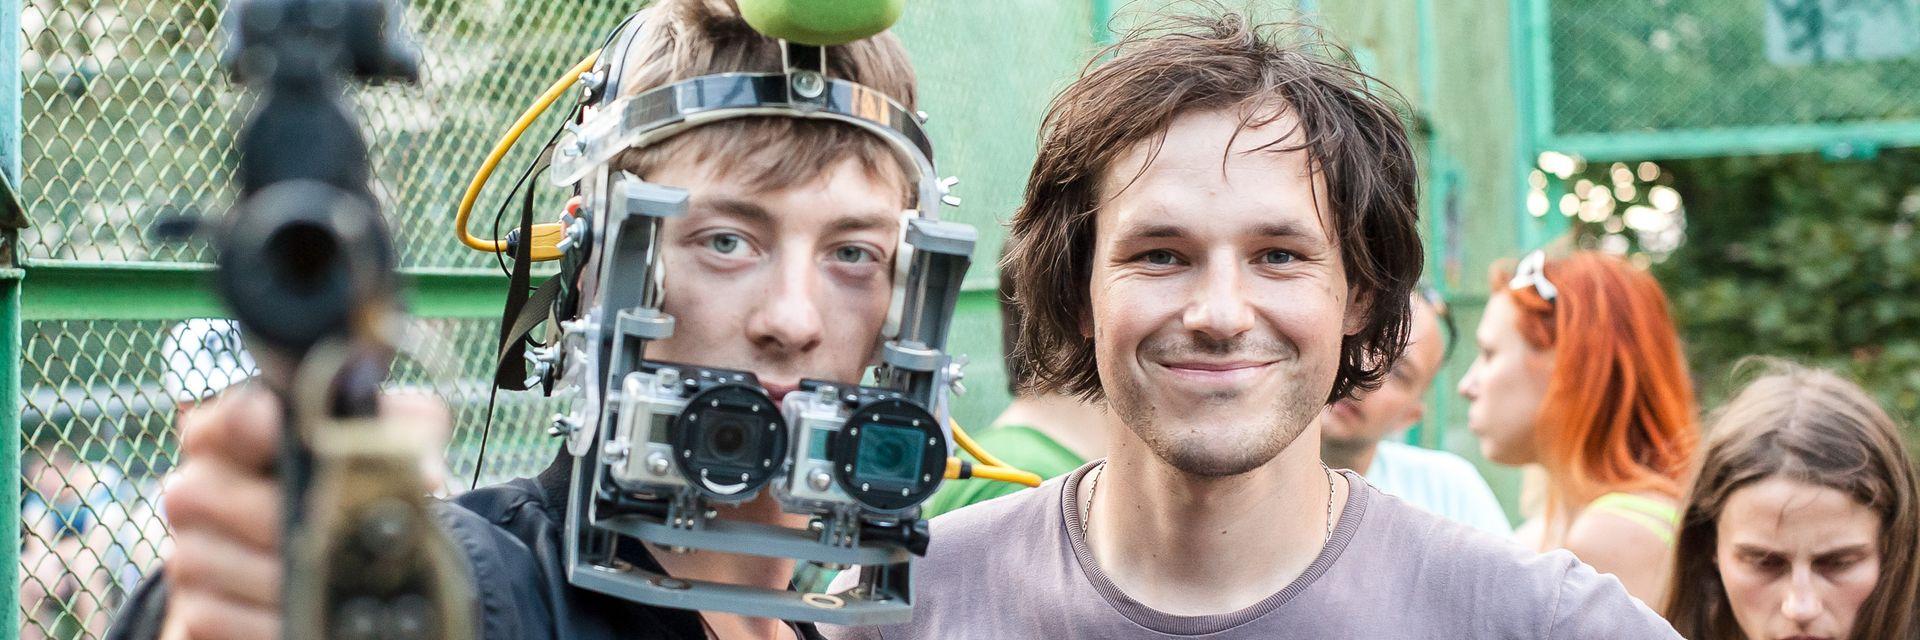 En god idé, et (eller flere) actionkamera, noen gode venner og litt kreativitet er alt du trenger for å lage en kul film i førsteperson.